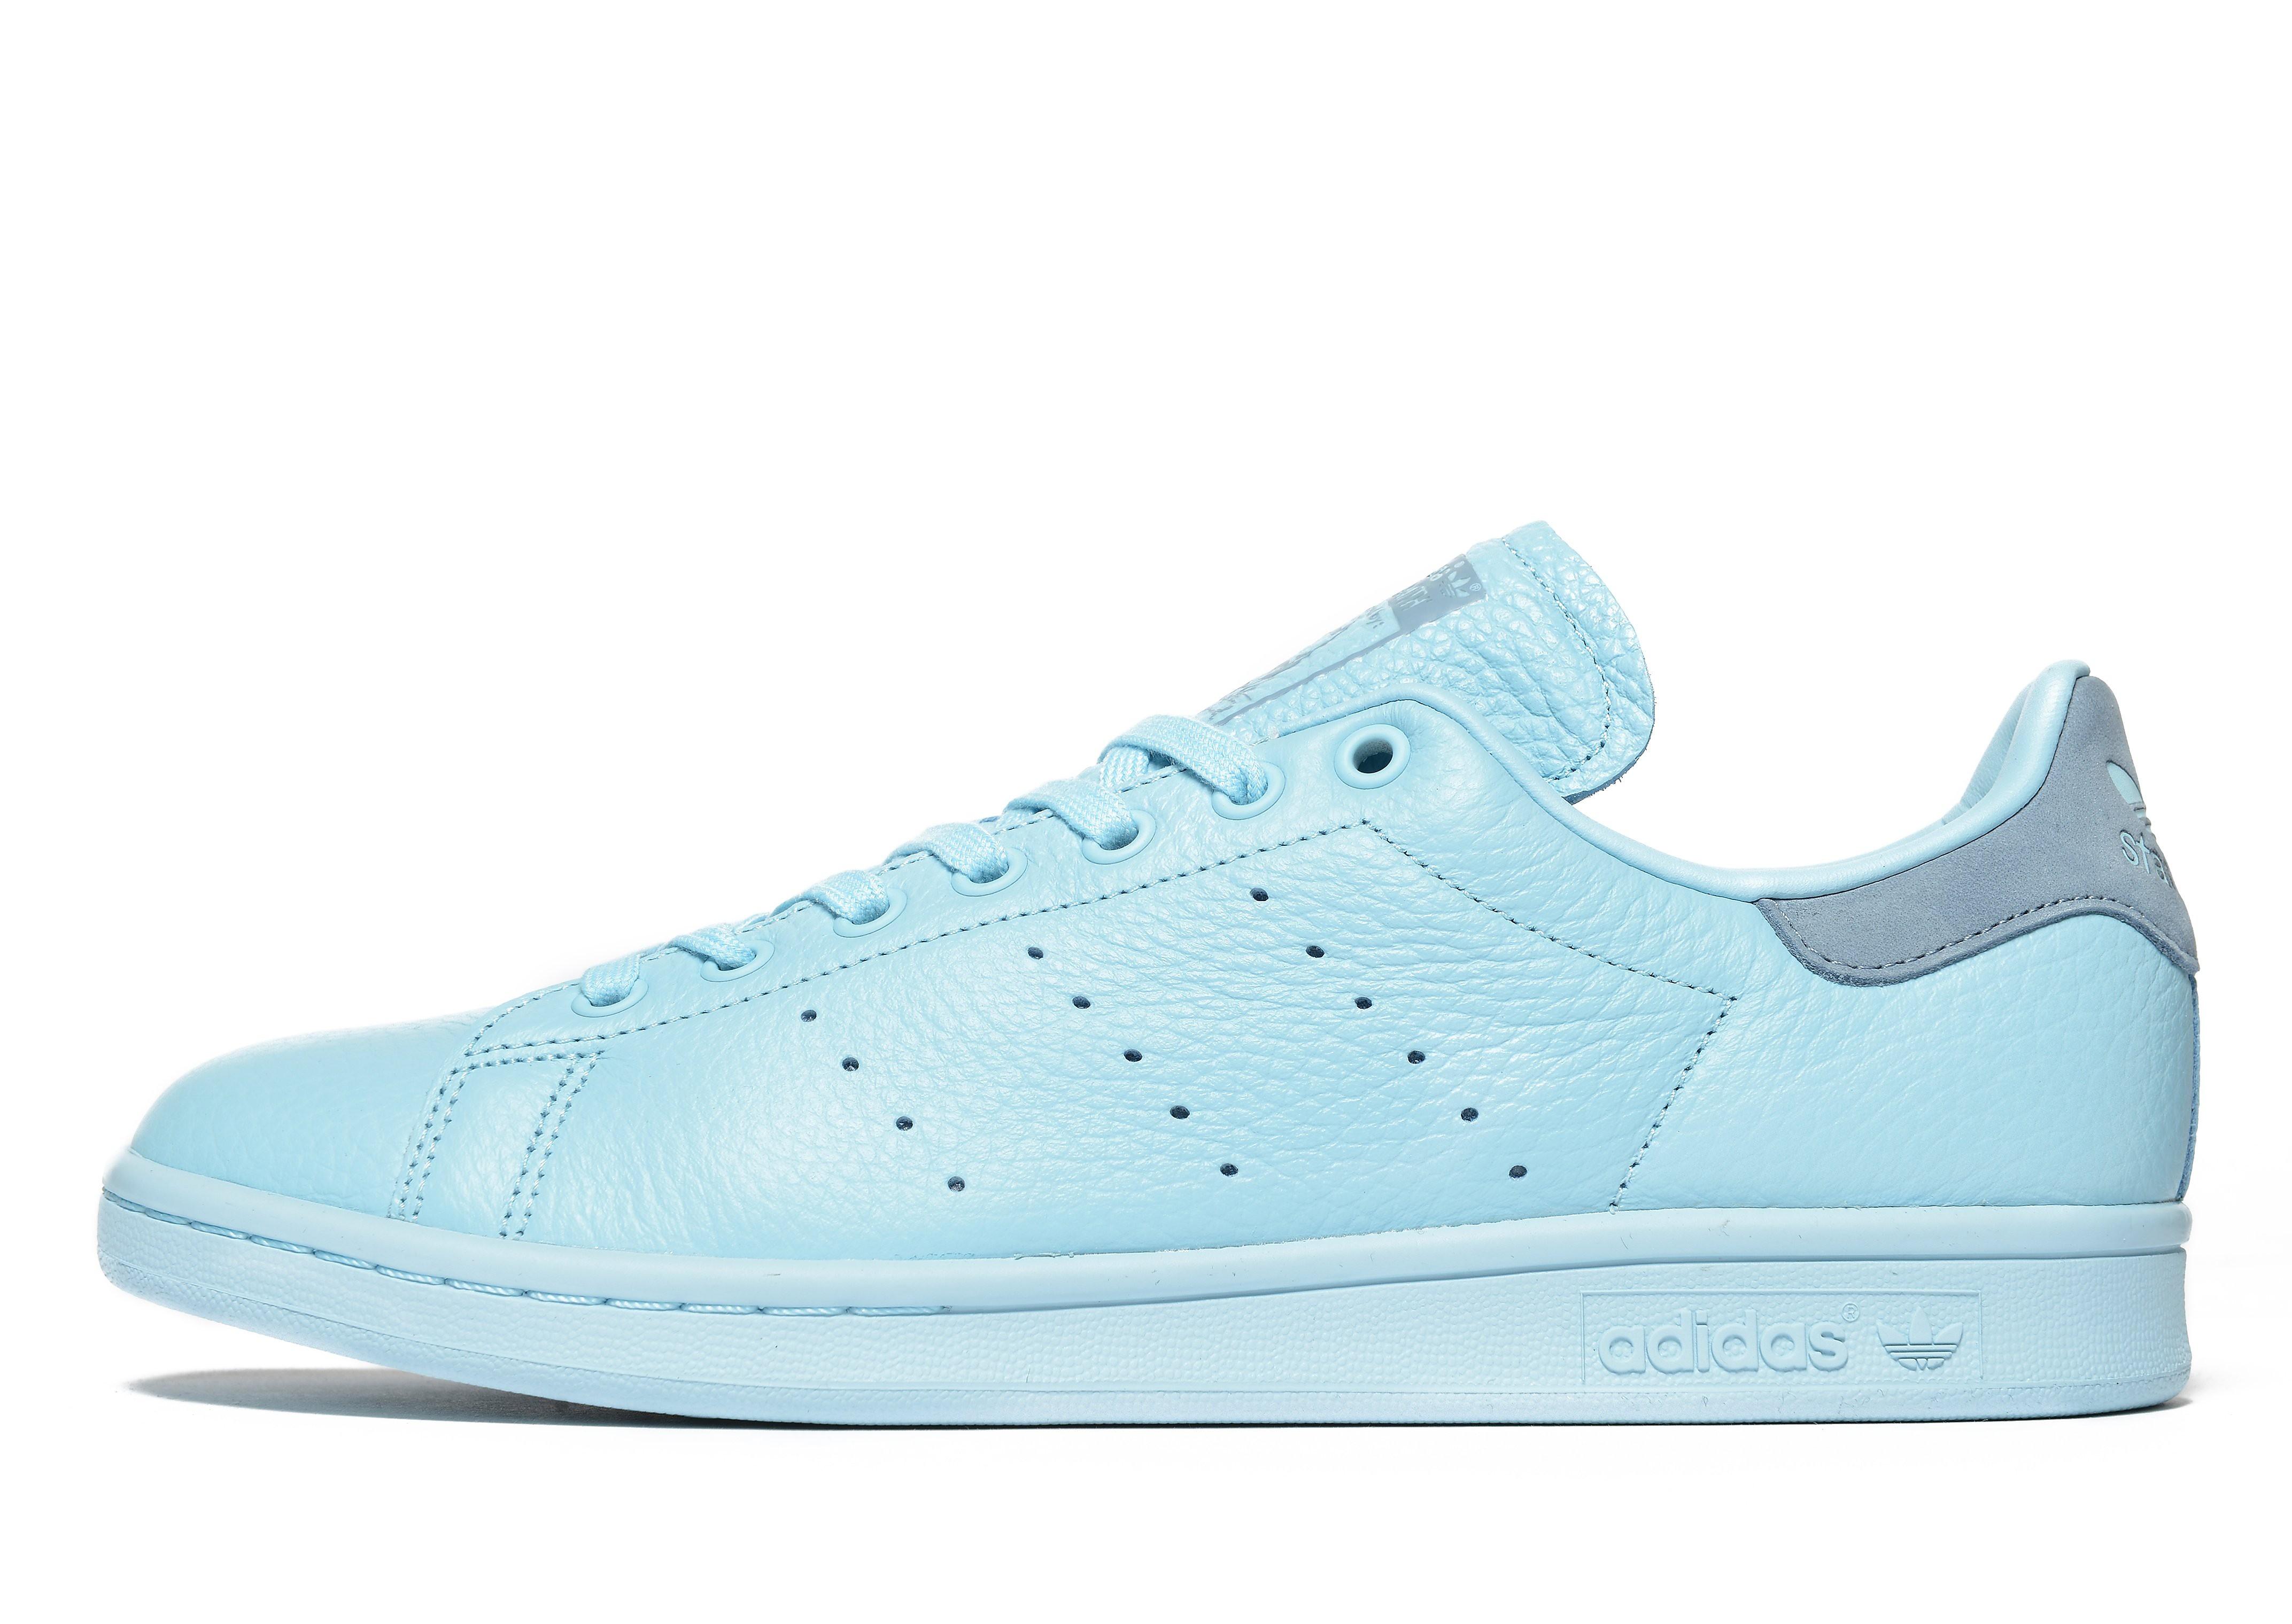 adidas Originals Stan Smith Blue